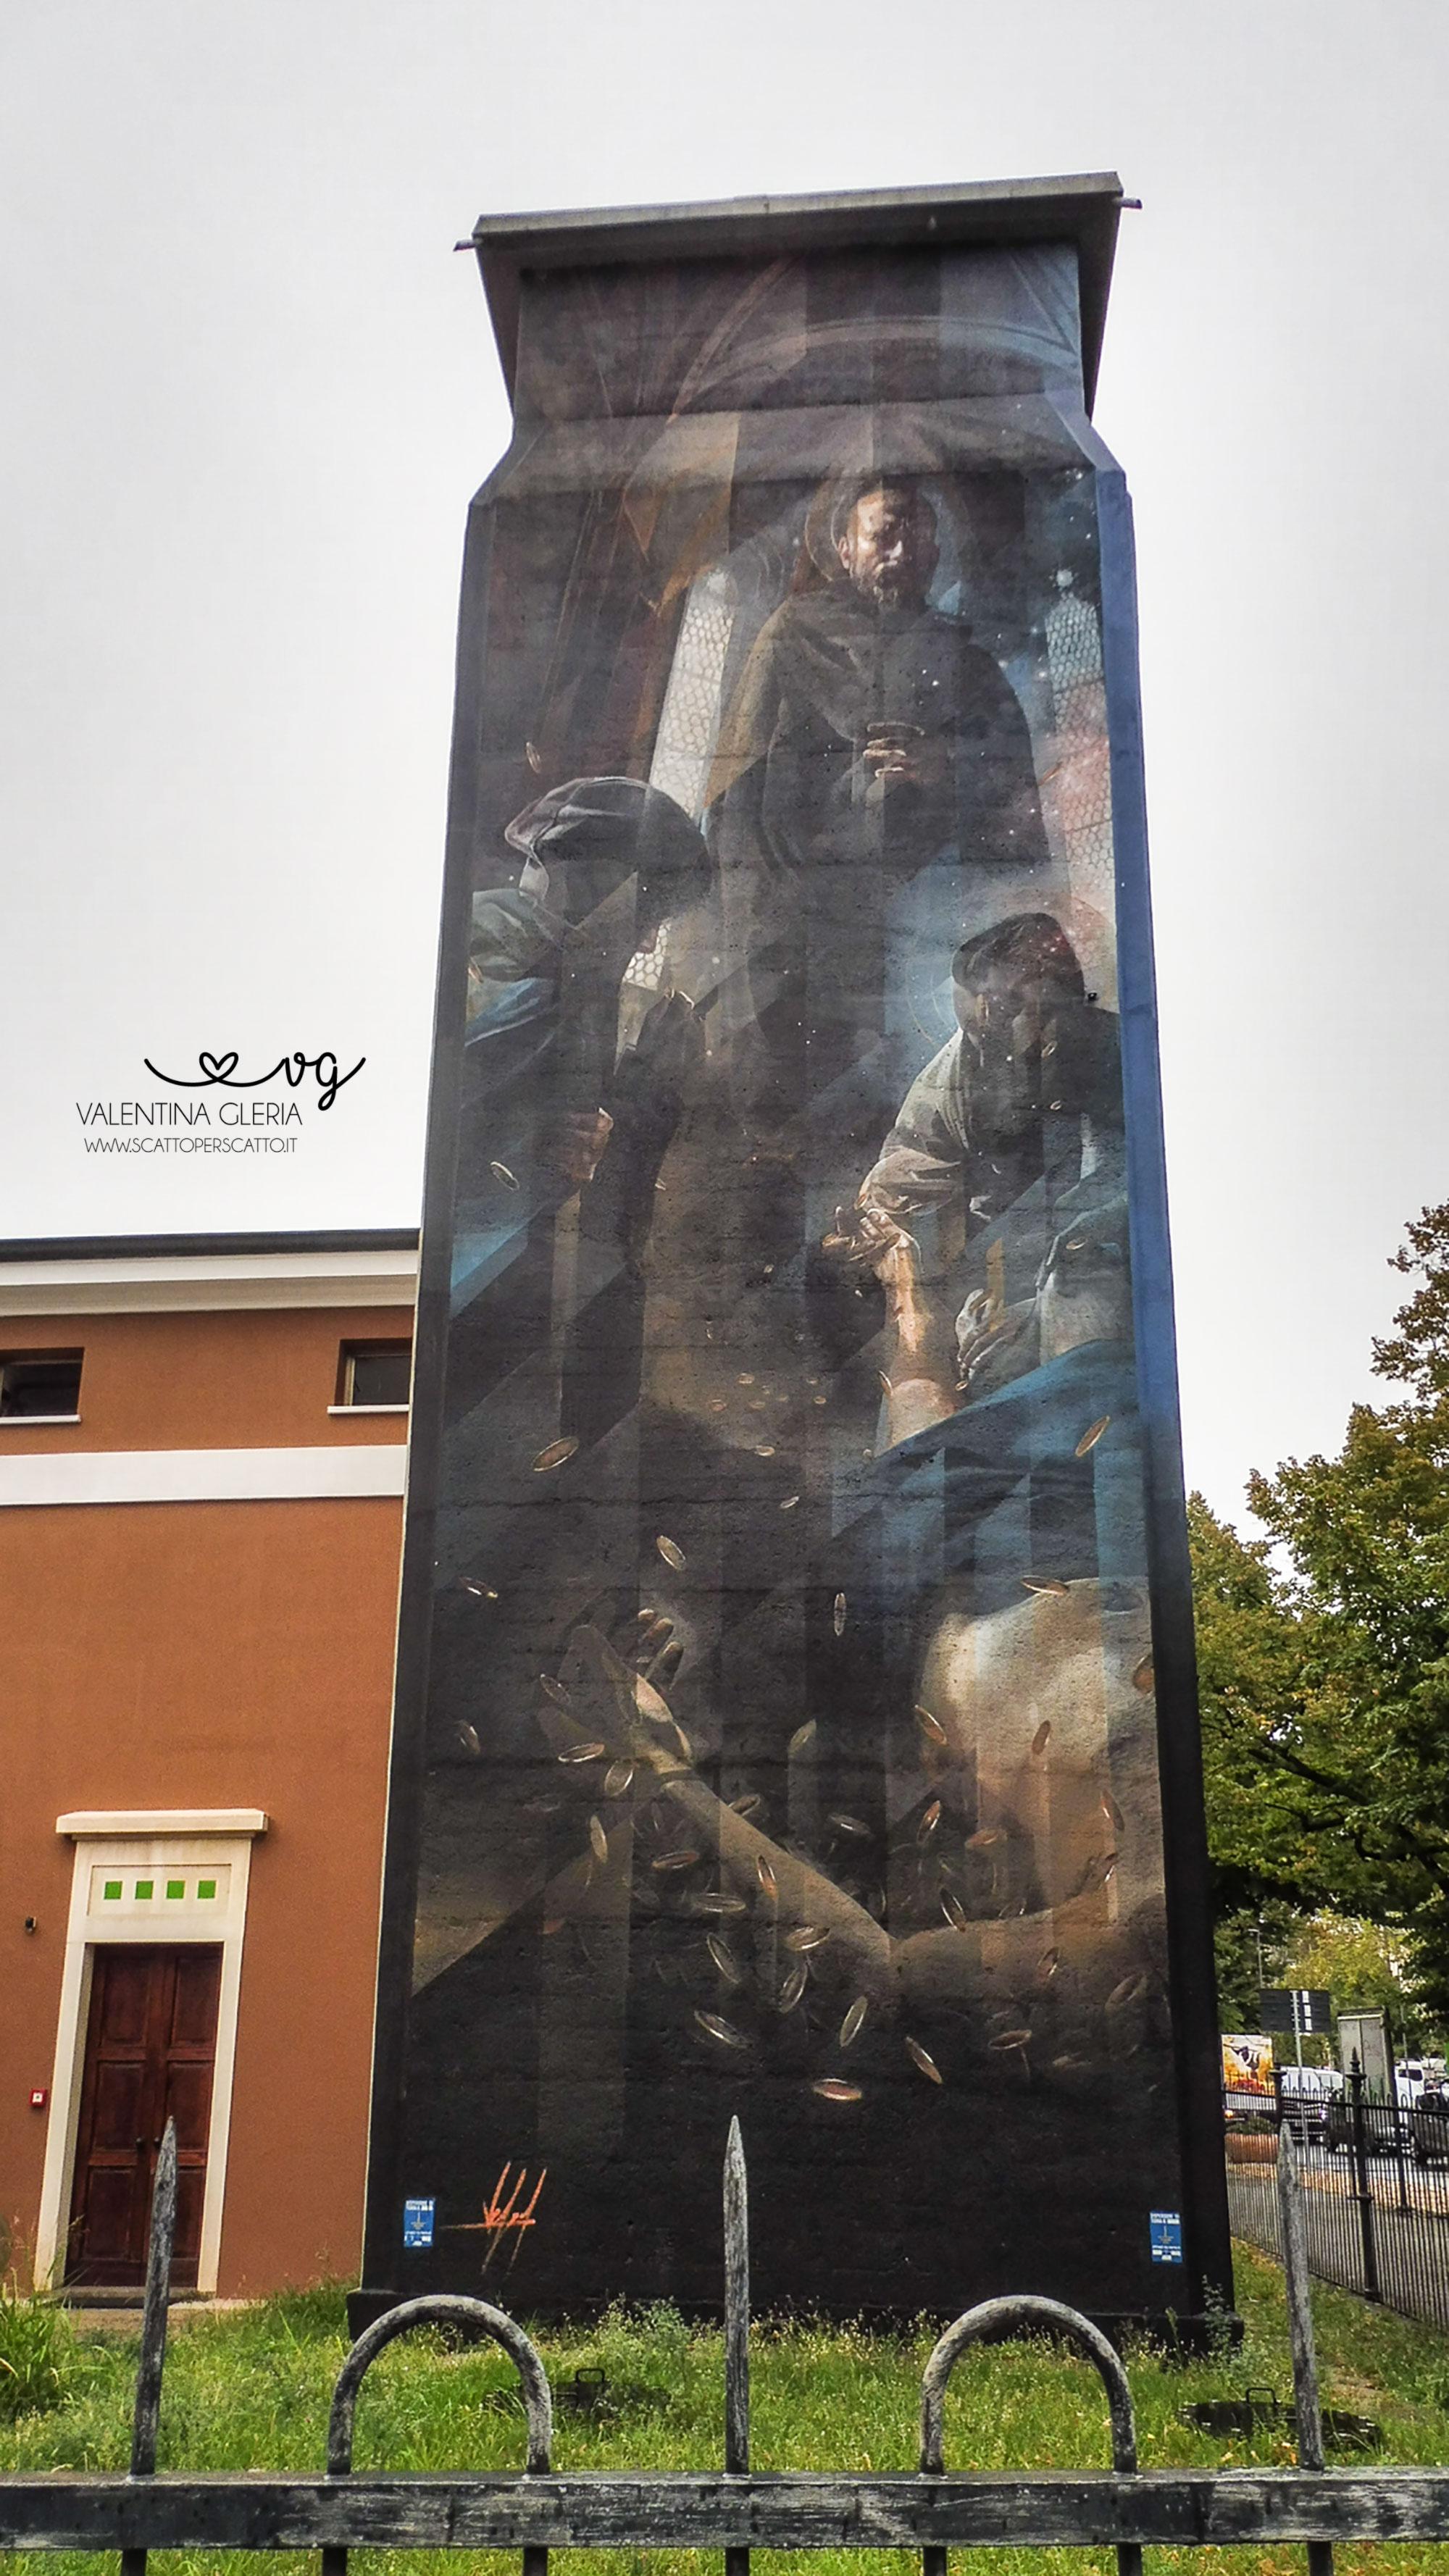 La torretta idrica di Viale Codalunga: Vesod Brero reinterpreta Giotto